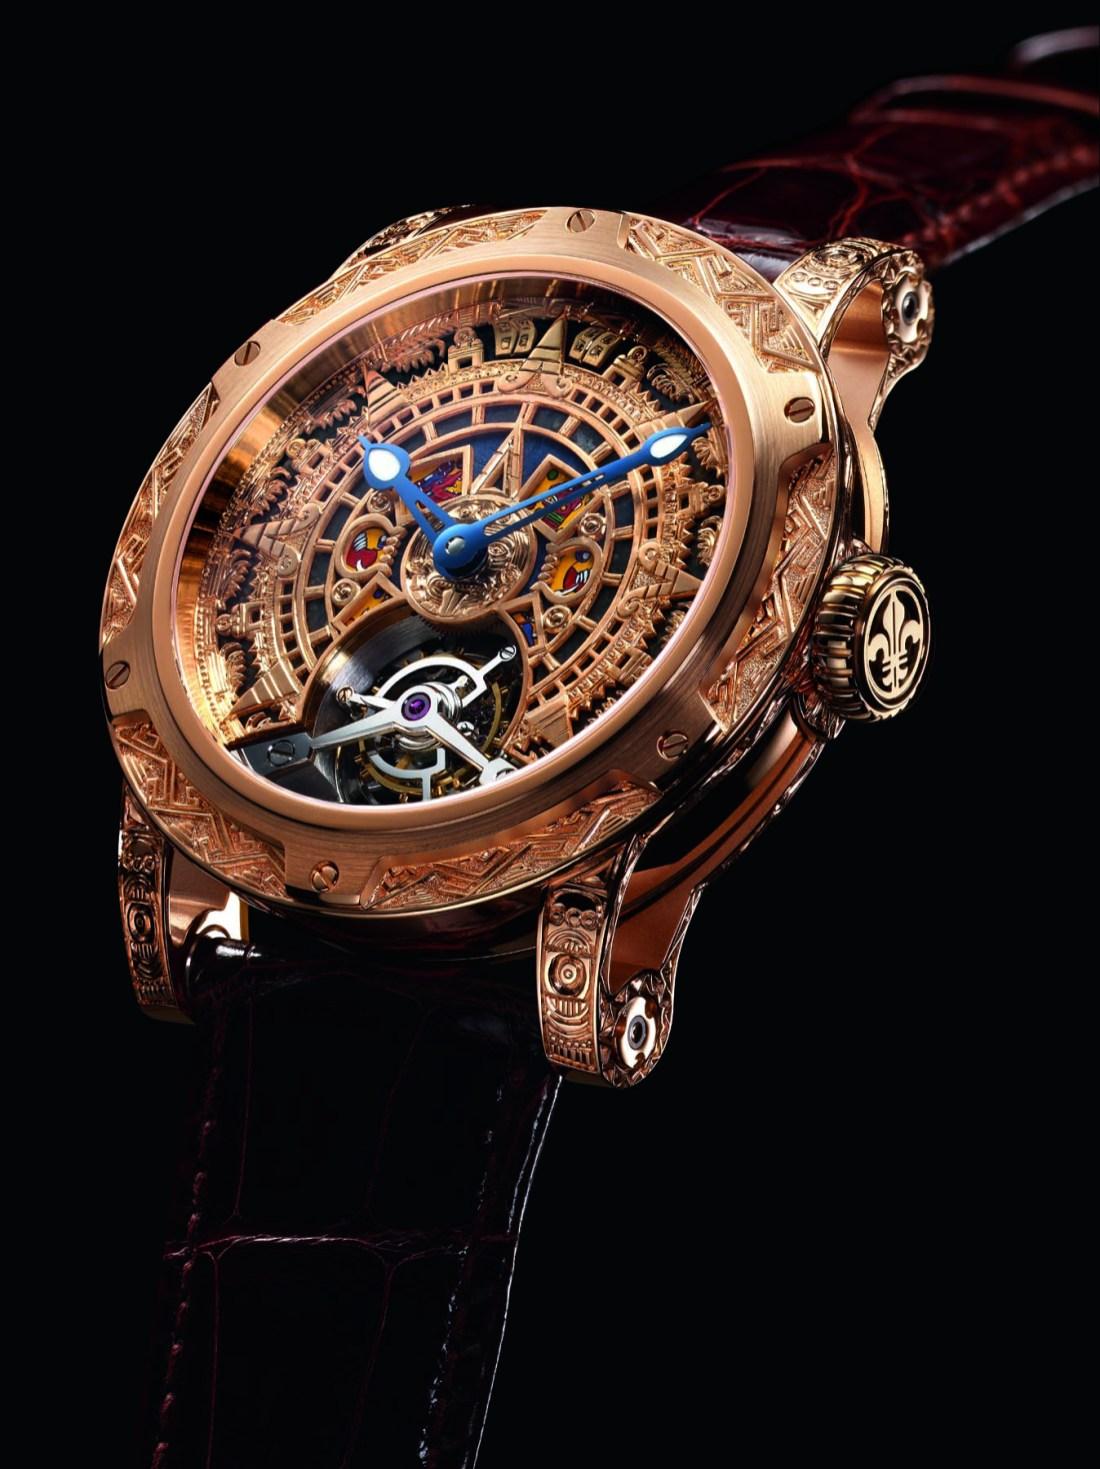 Reloj Only México con correas en color café y caratula dorada con la figura del calendario azteca